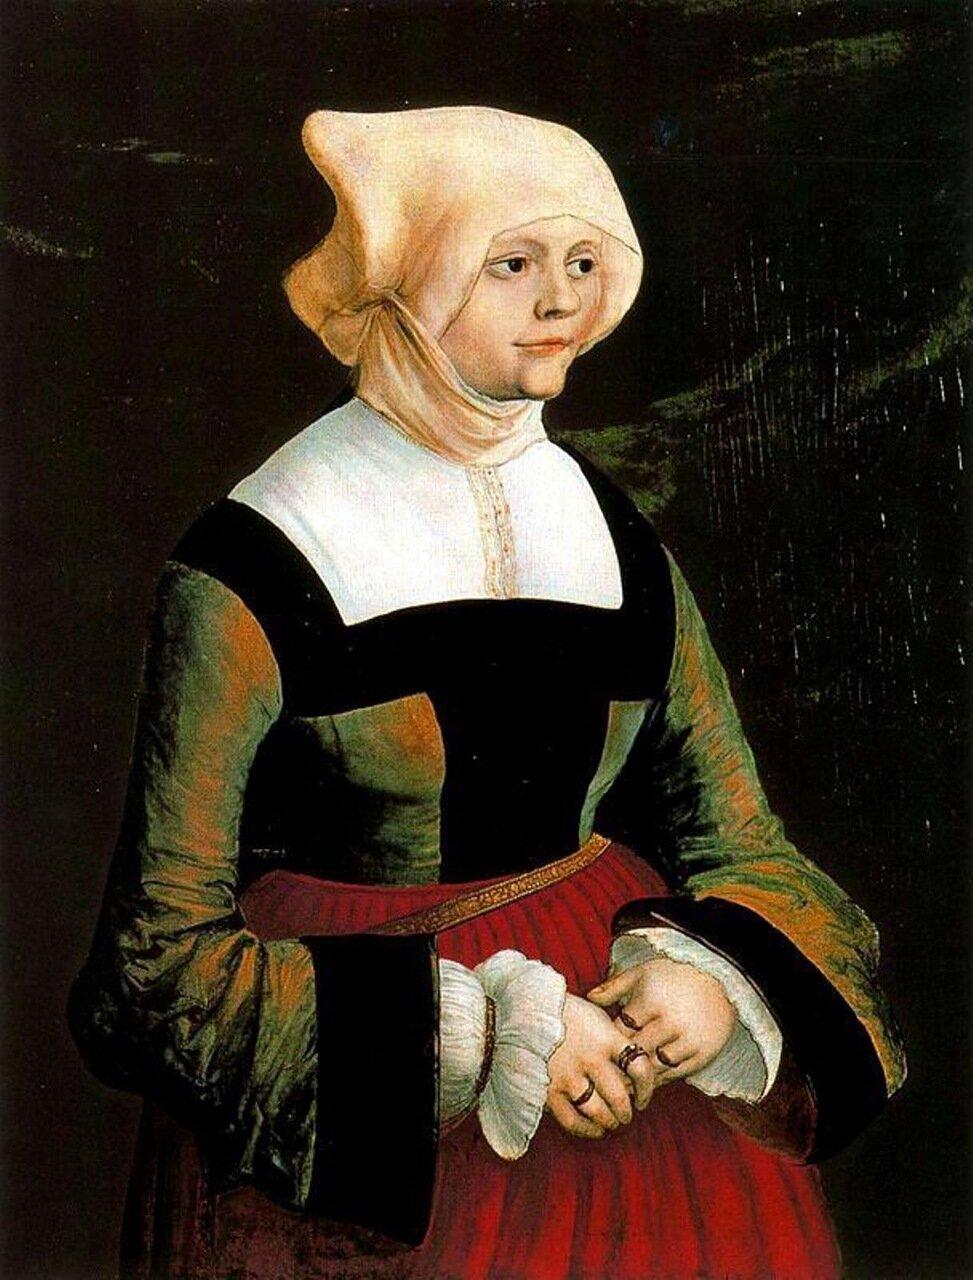 Картины старых мастеров, Альберт Альтдорфер, Портрет молодой женщины.jpg